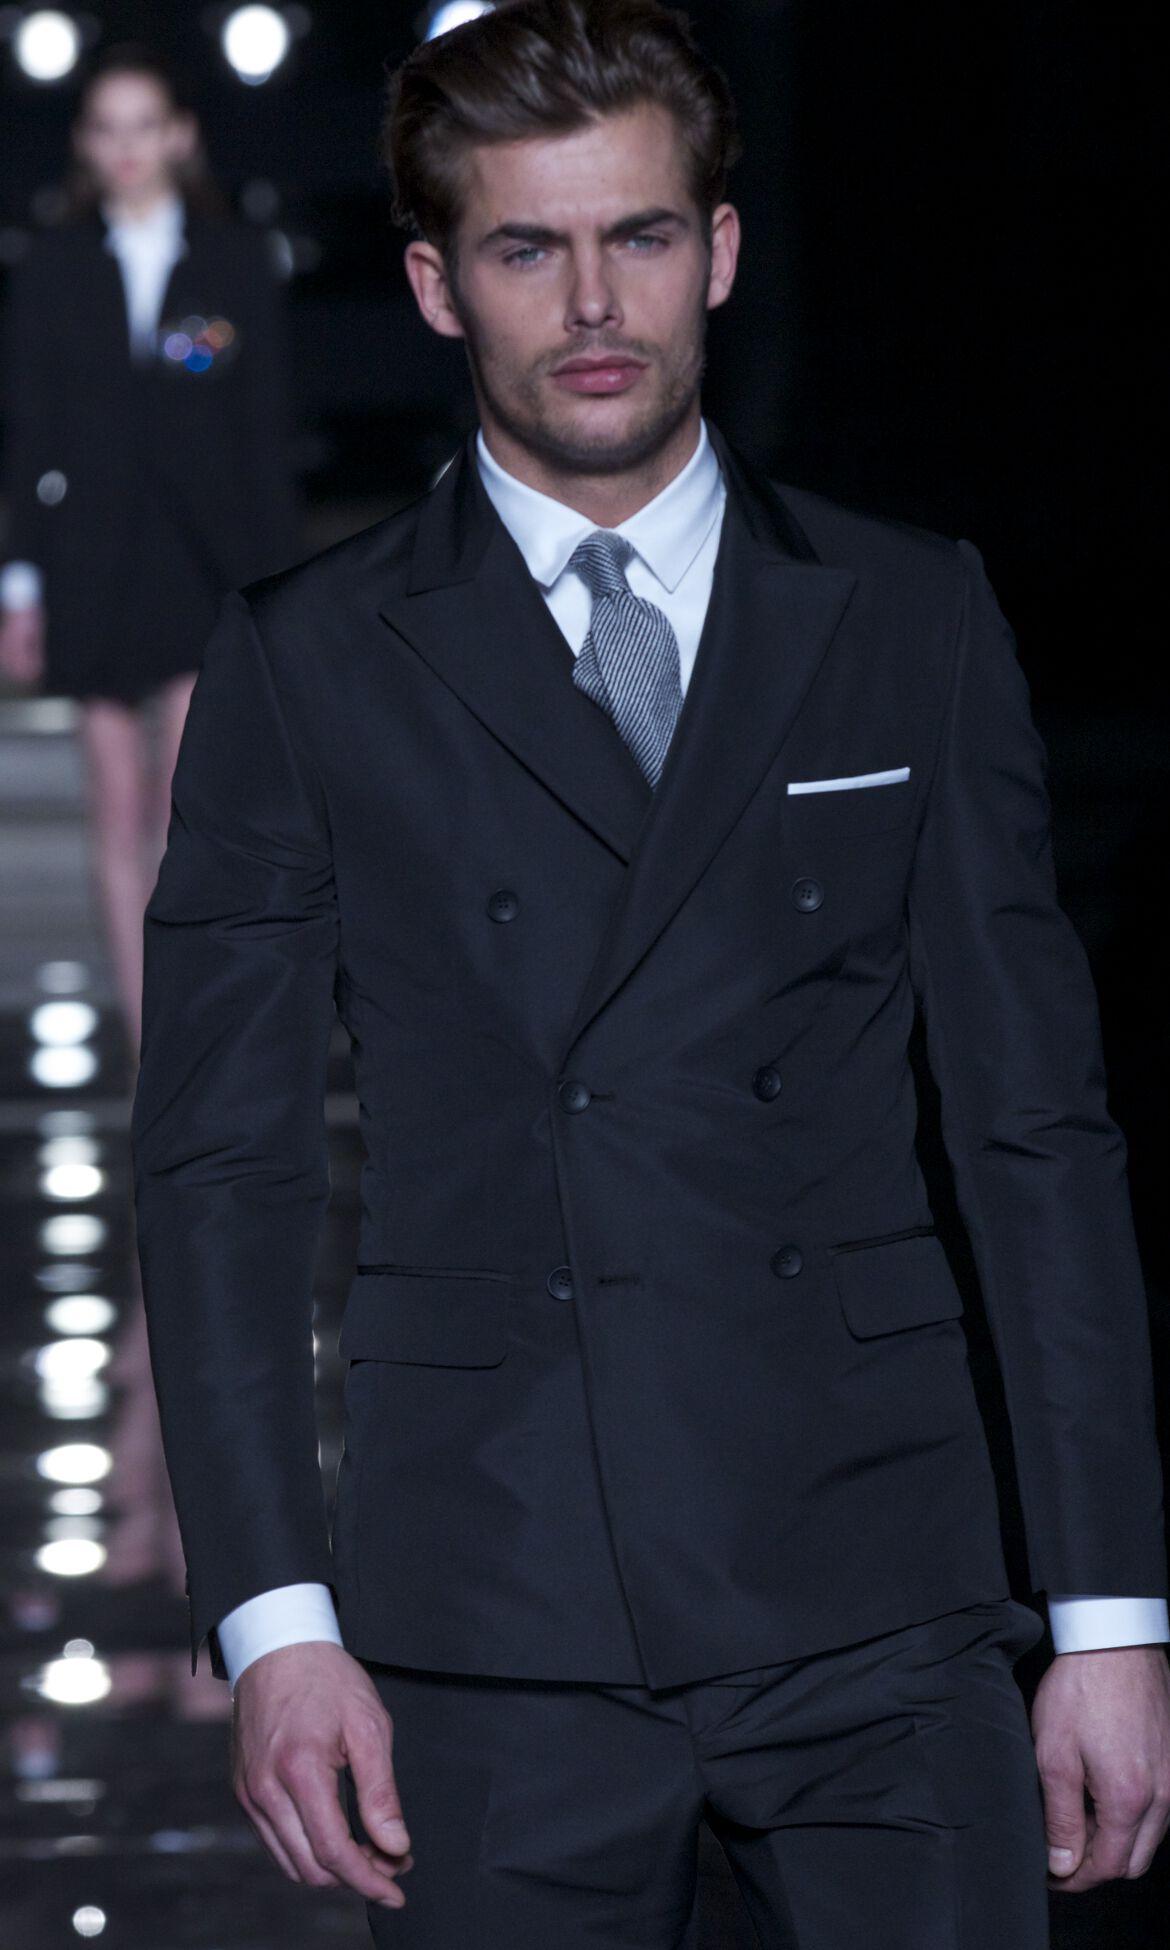 Catwalk Ermanno Scervino Fashion Show Winter 2013 14 Menswear